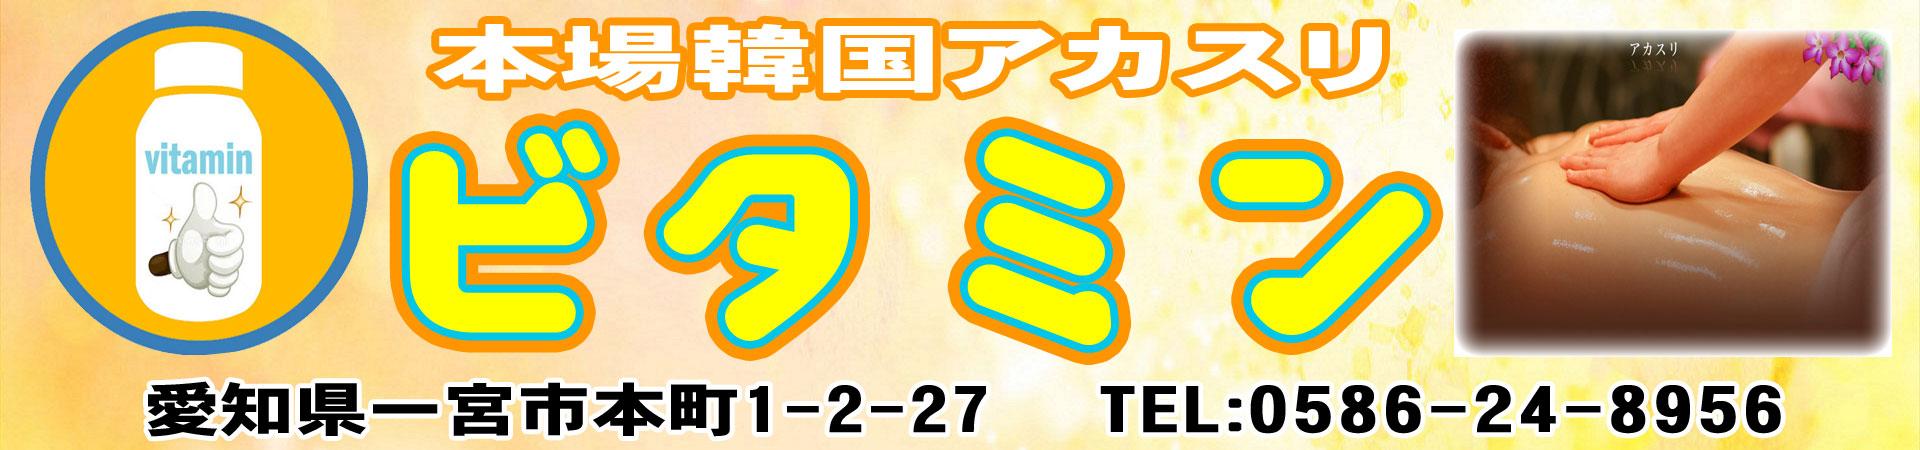 【ビタミン】一宮/愛知